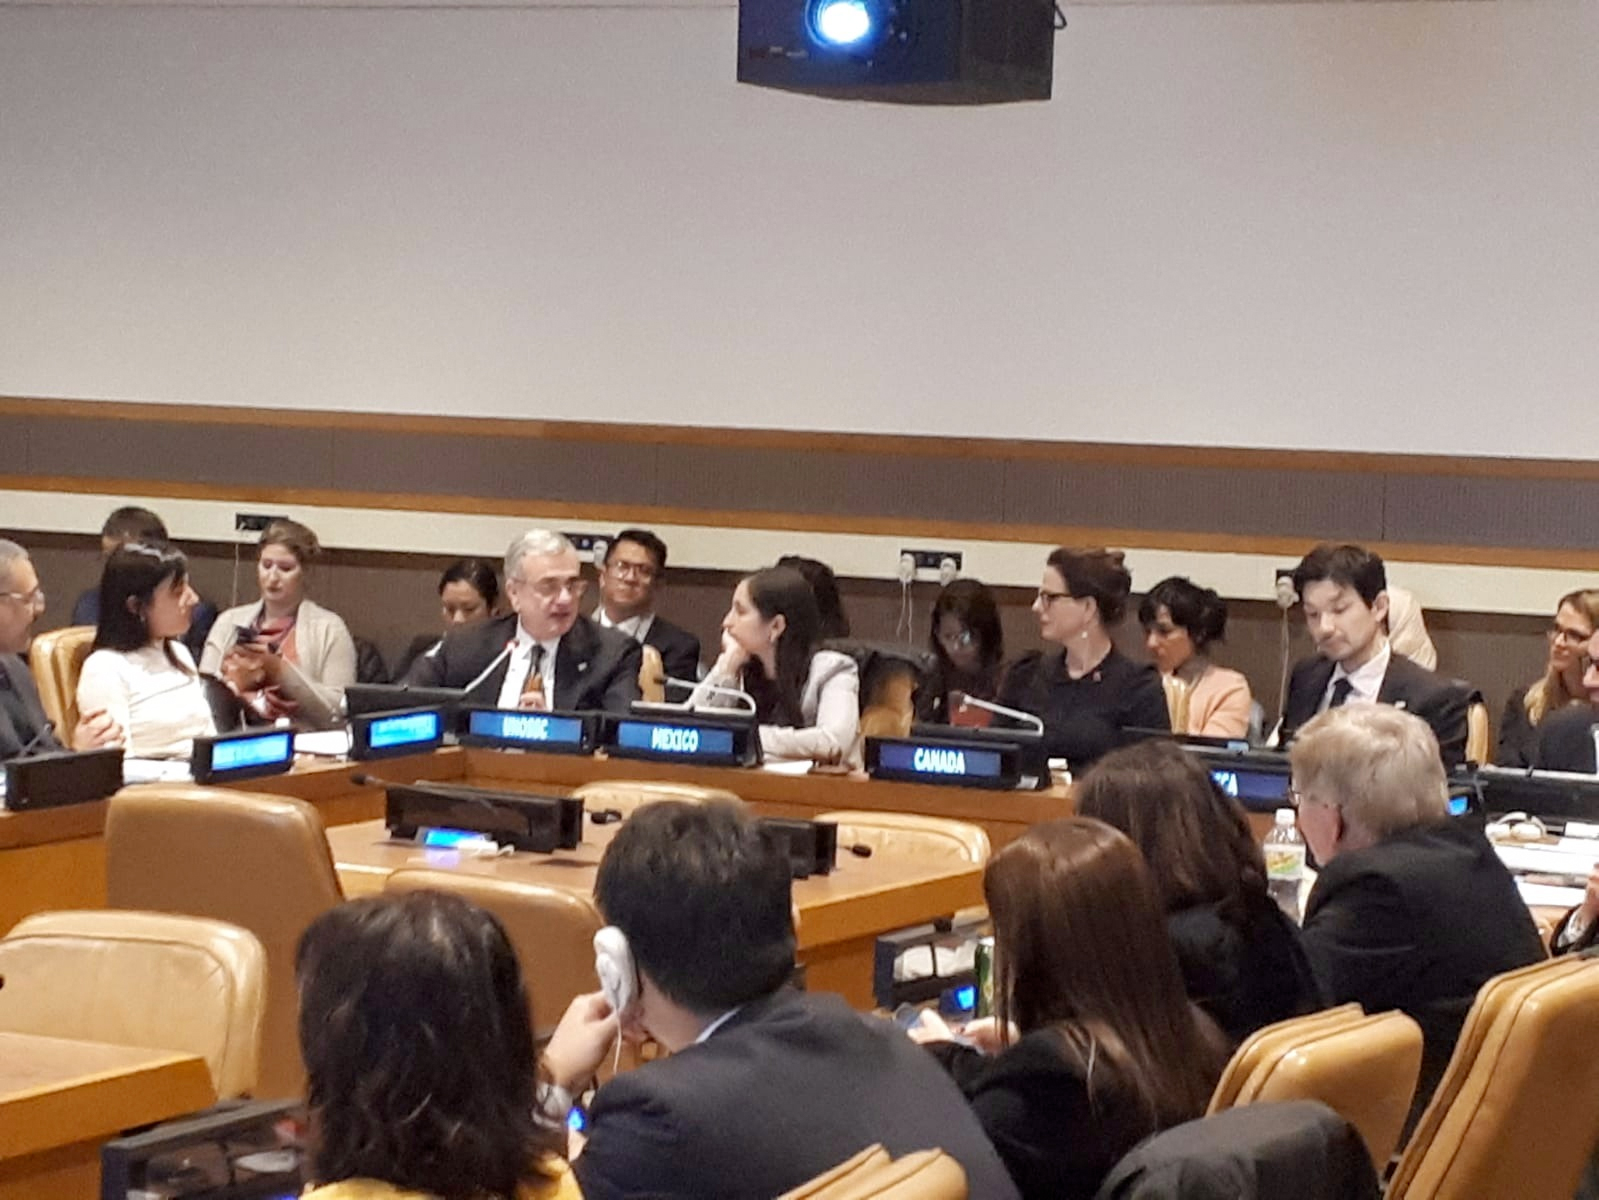 Durante un evento paralelo del GSSD2018 organizado por la Asociación Mundial para el Desarrollo Eficaz de Cooperación (GPI): La Cooperación Triangular en la era de la Agenda 2030: contribuciones al BAPA40+